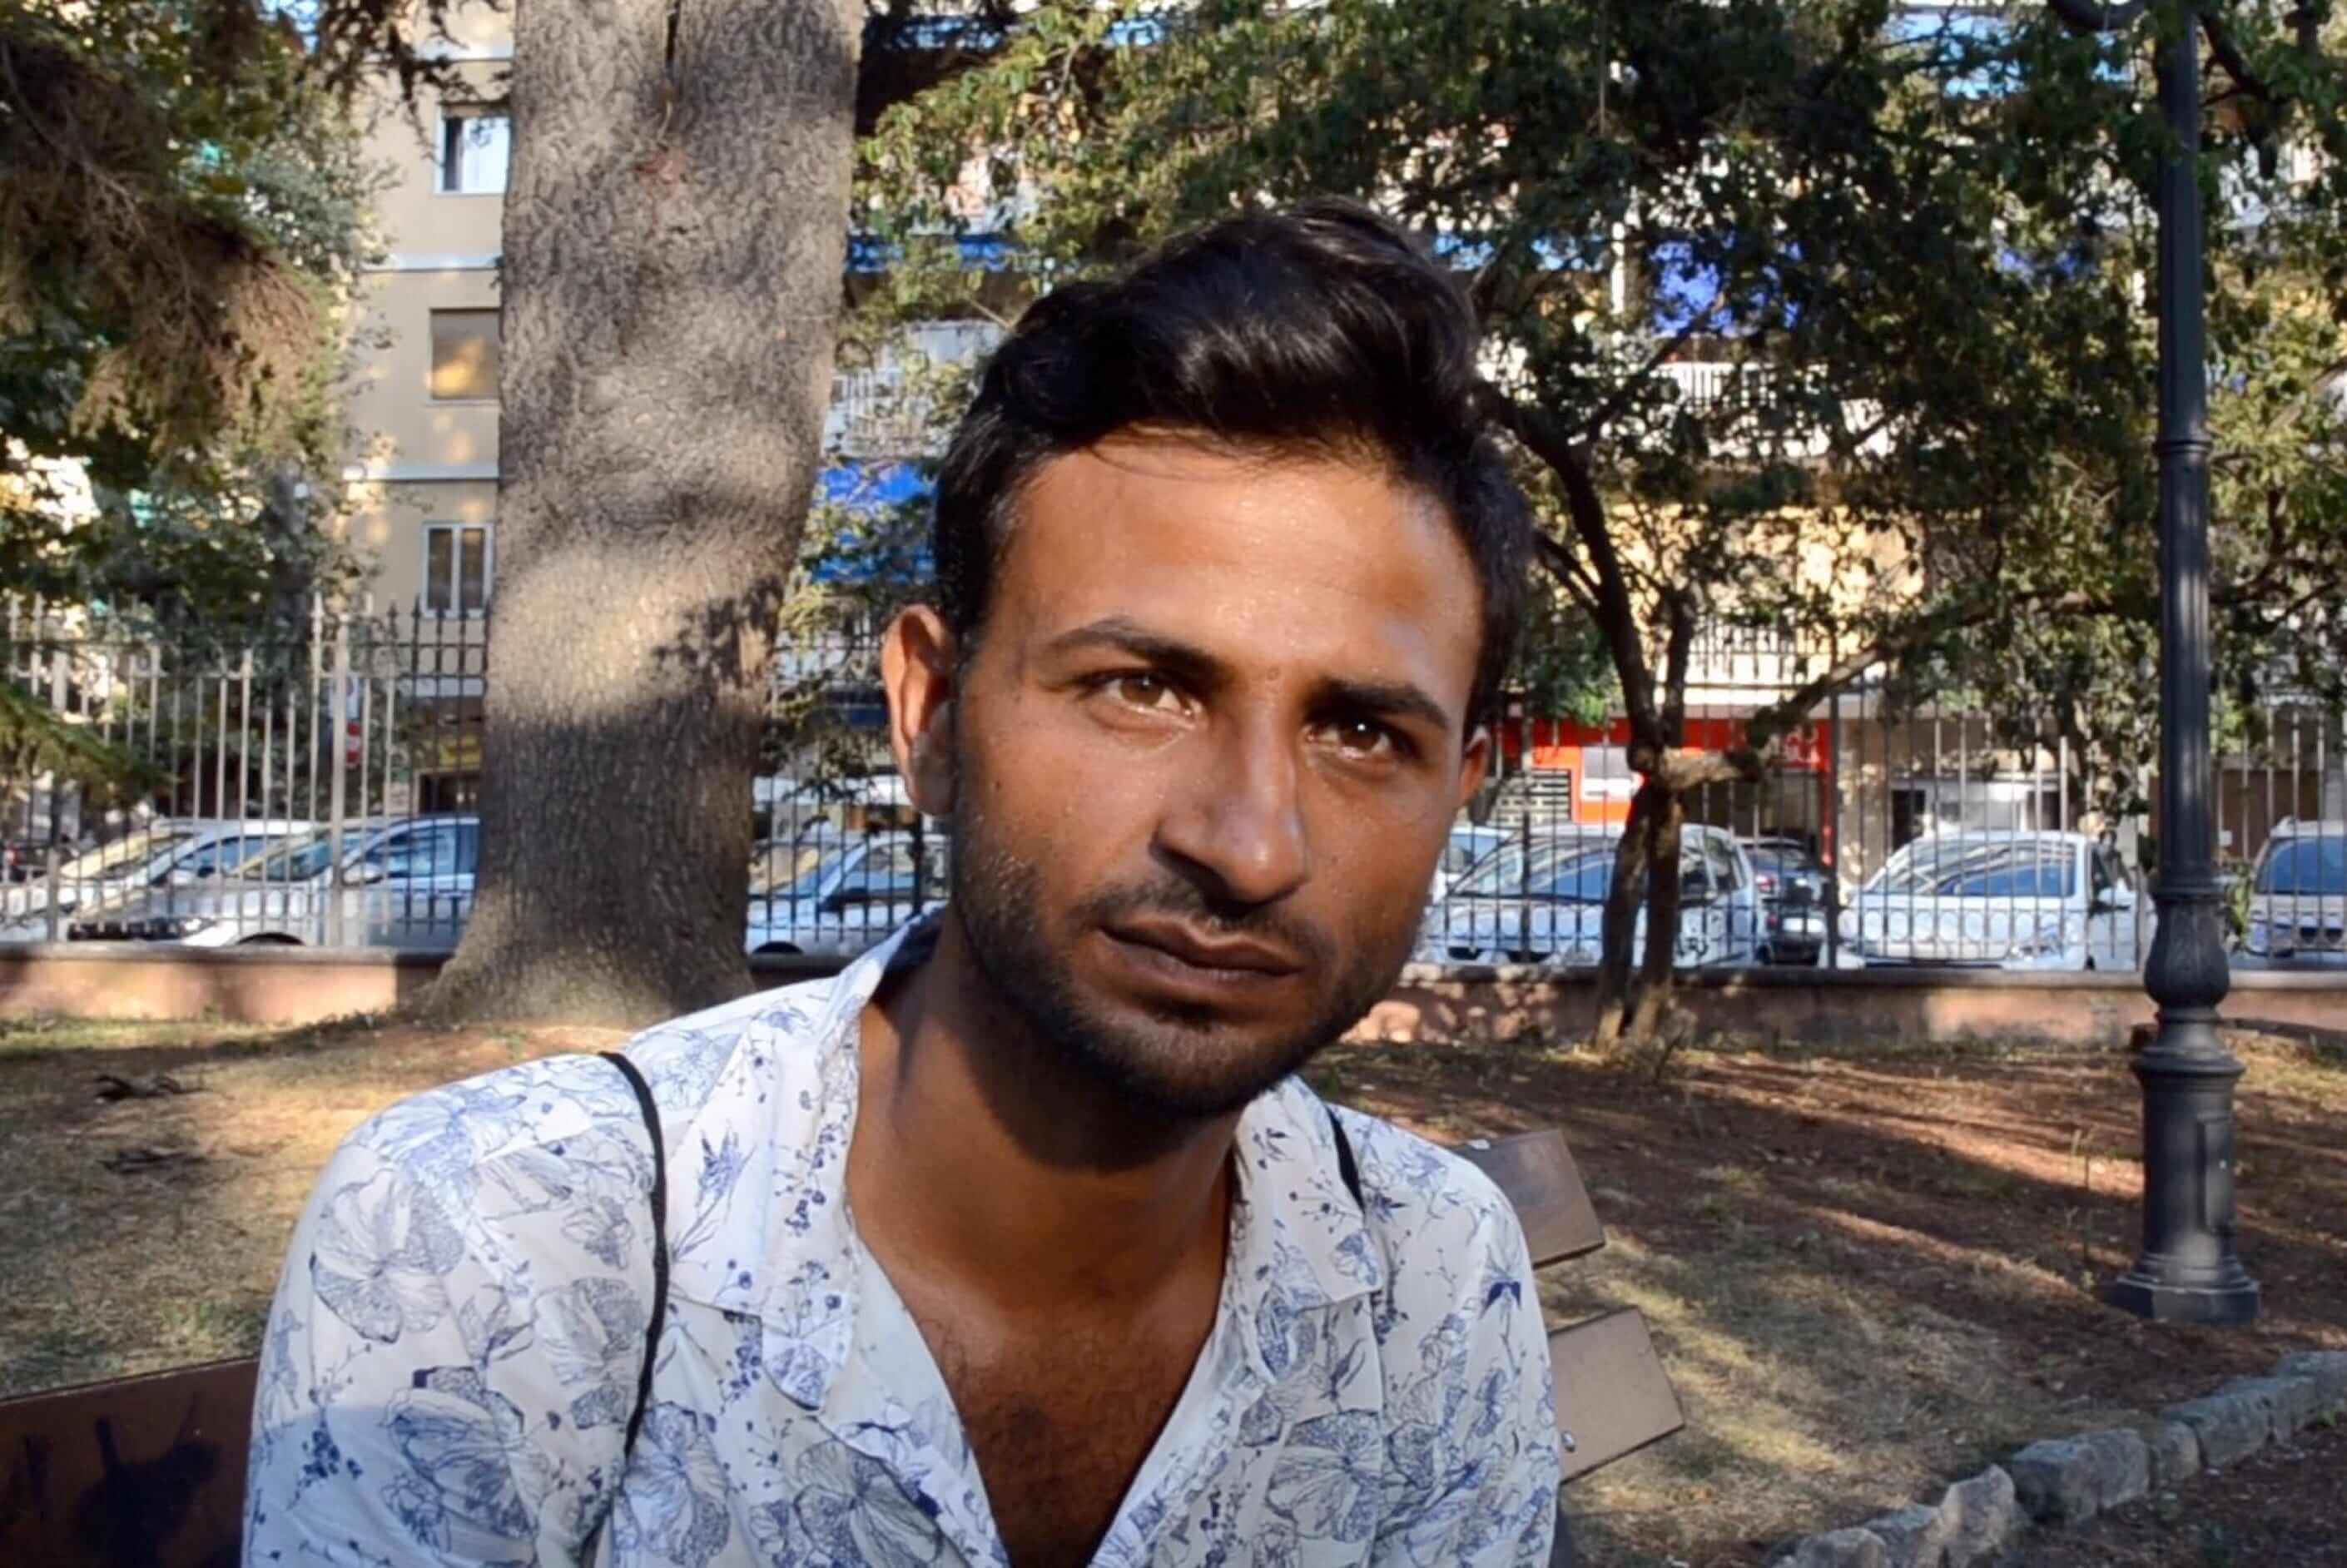 Malik Farooq tenta, há 10 anos. se estabelecer em algum país europeu. Seu sonho é conseguir documentos definitivos para voltar ao Paquistão e visitar a mãe